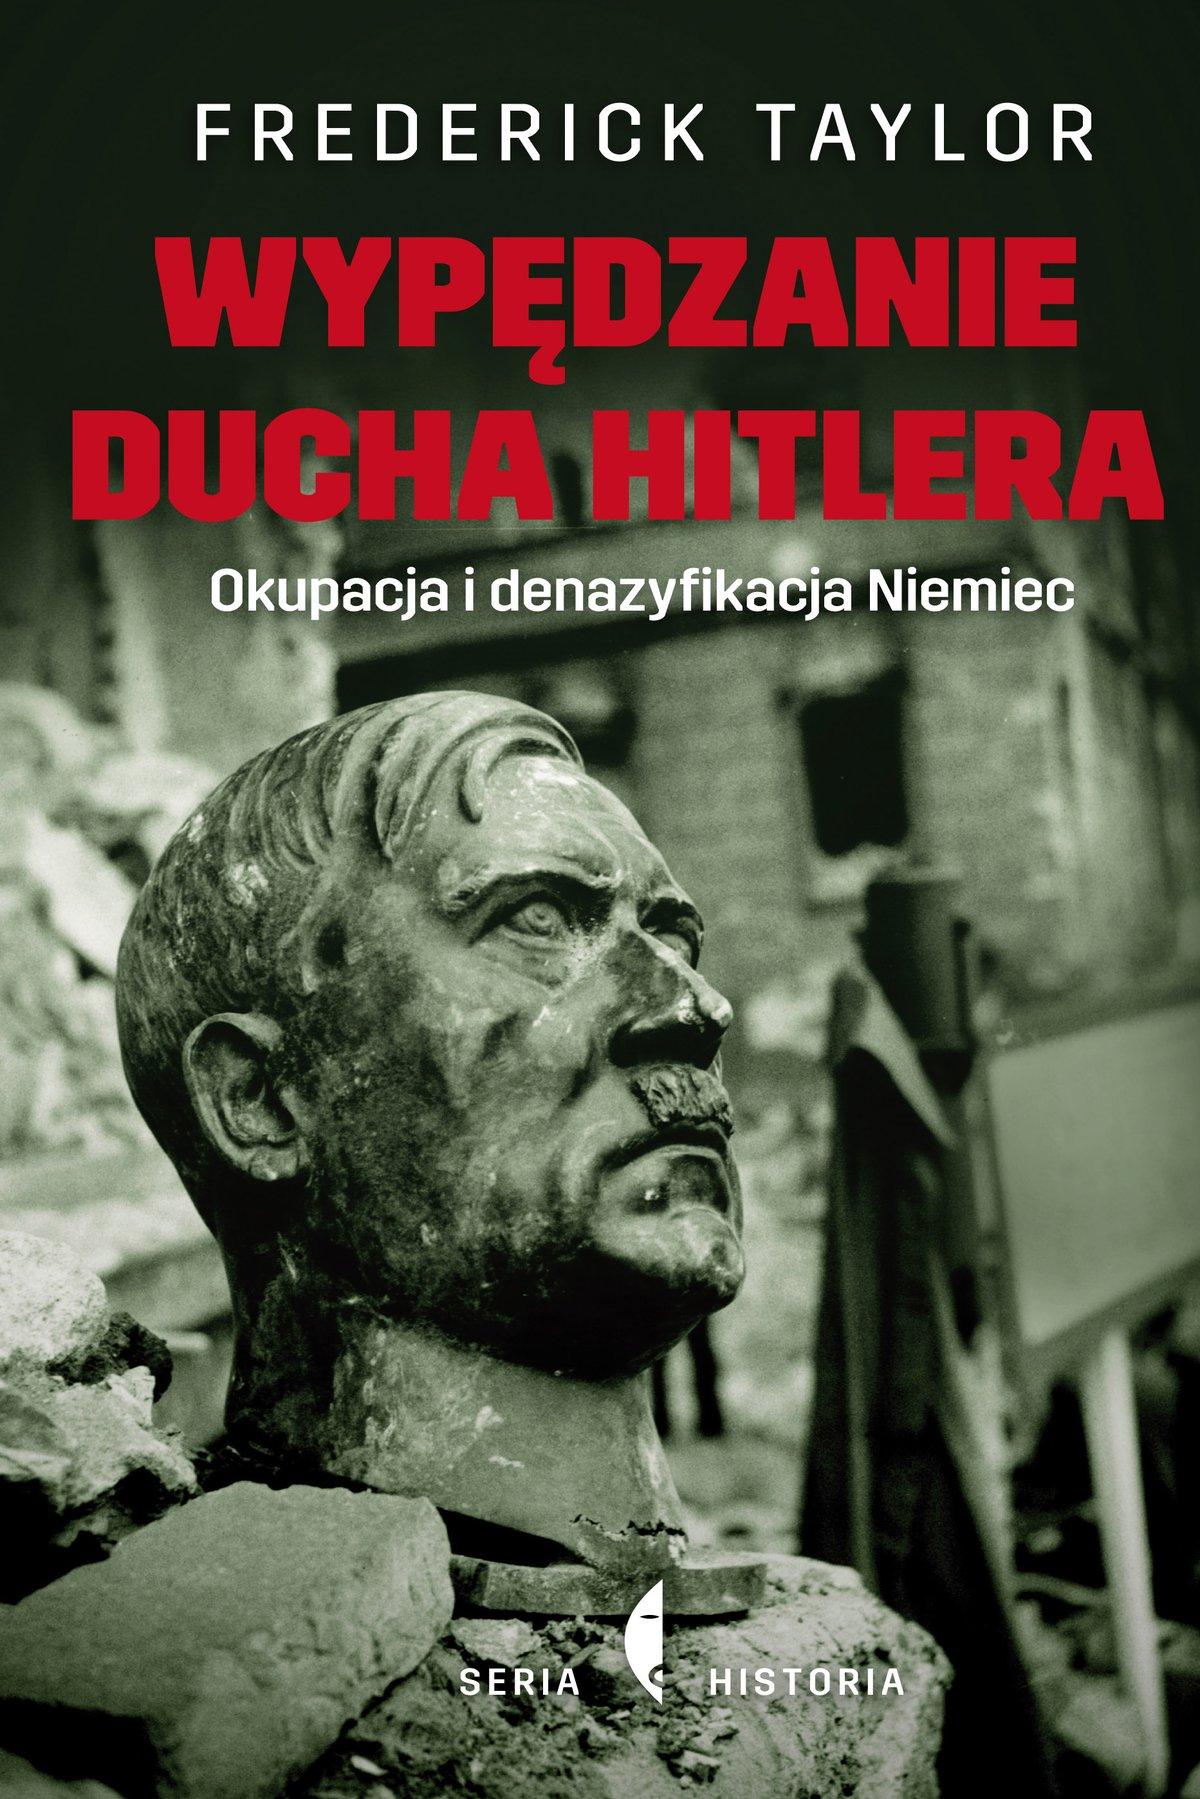 Wypędzanie ducha Hitlera - Ebook (Książka EPUB) do pobrania w formacie EPUB